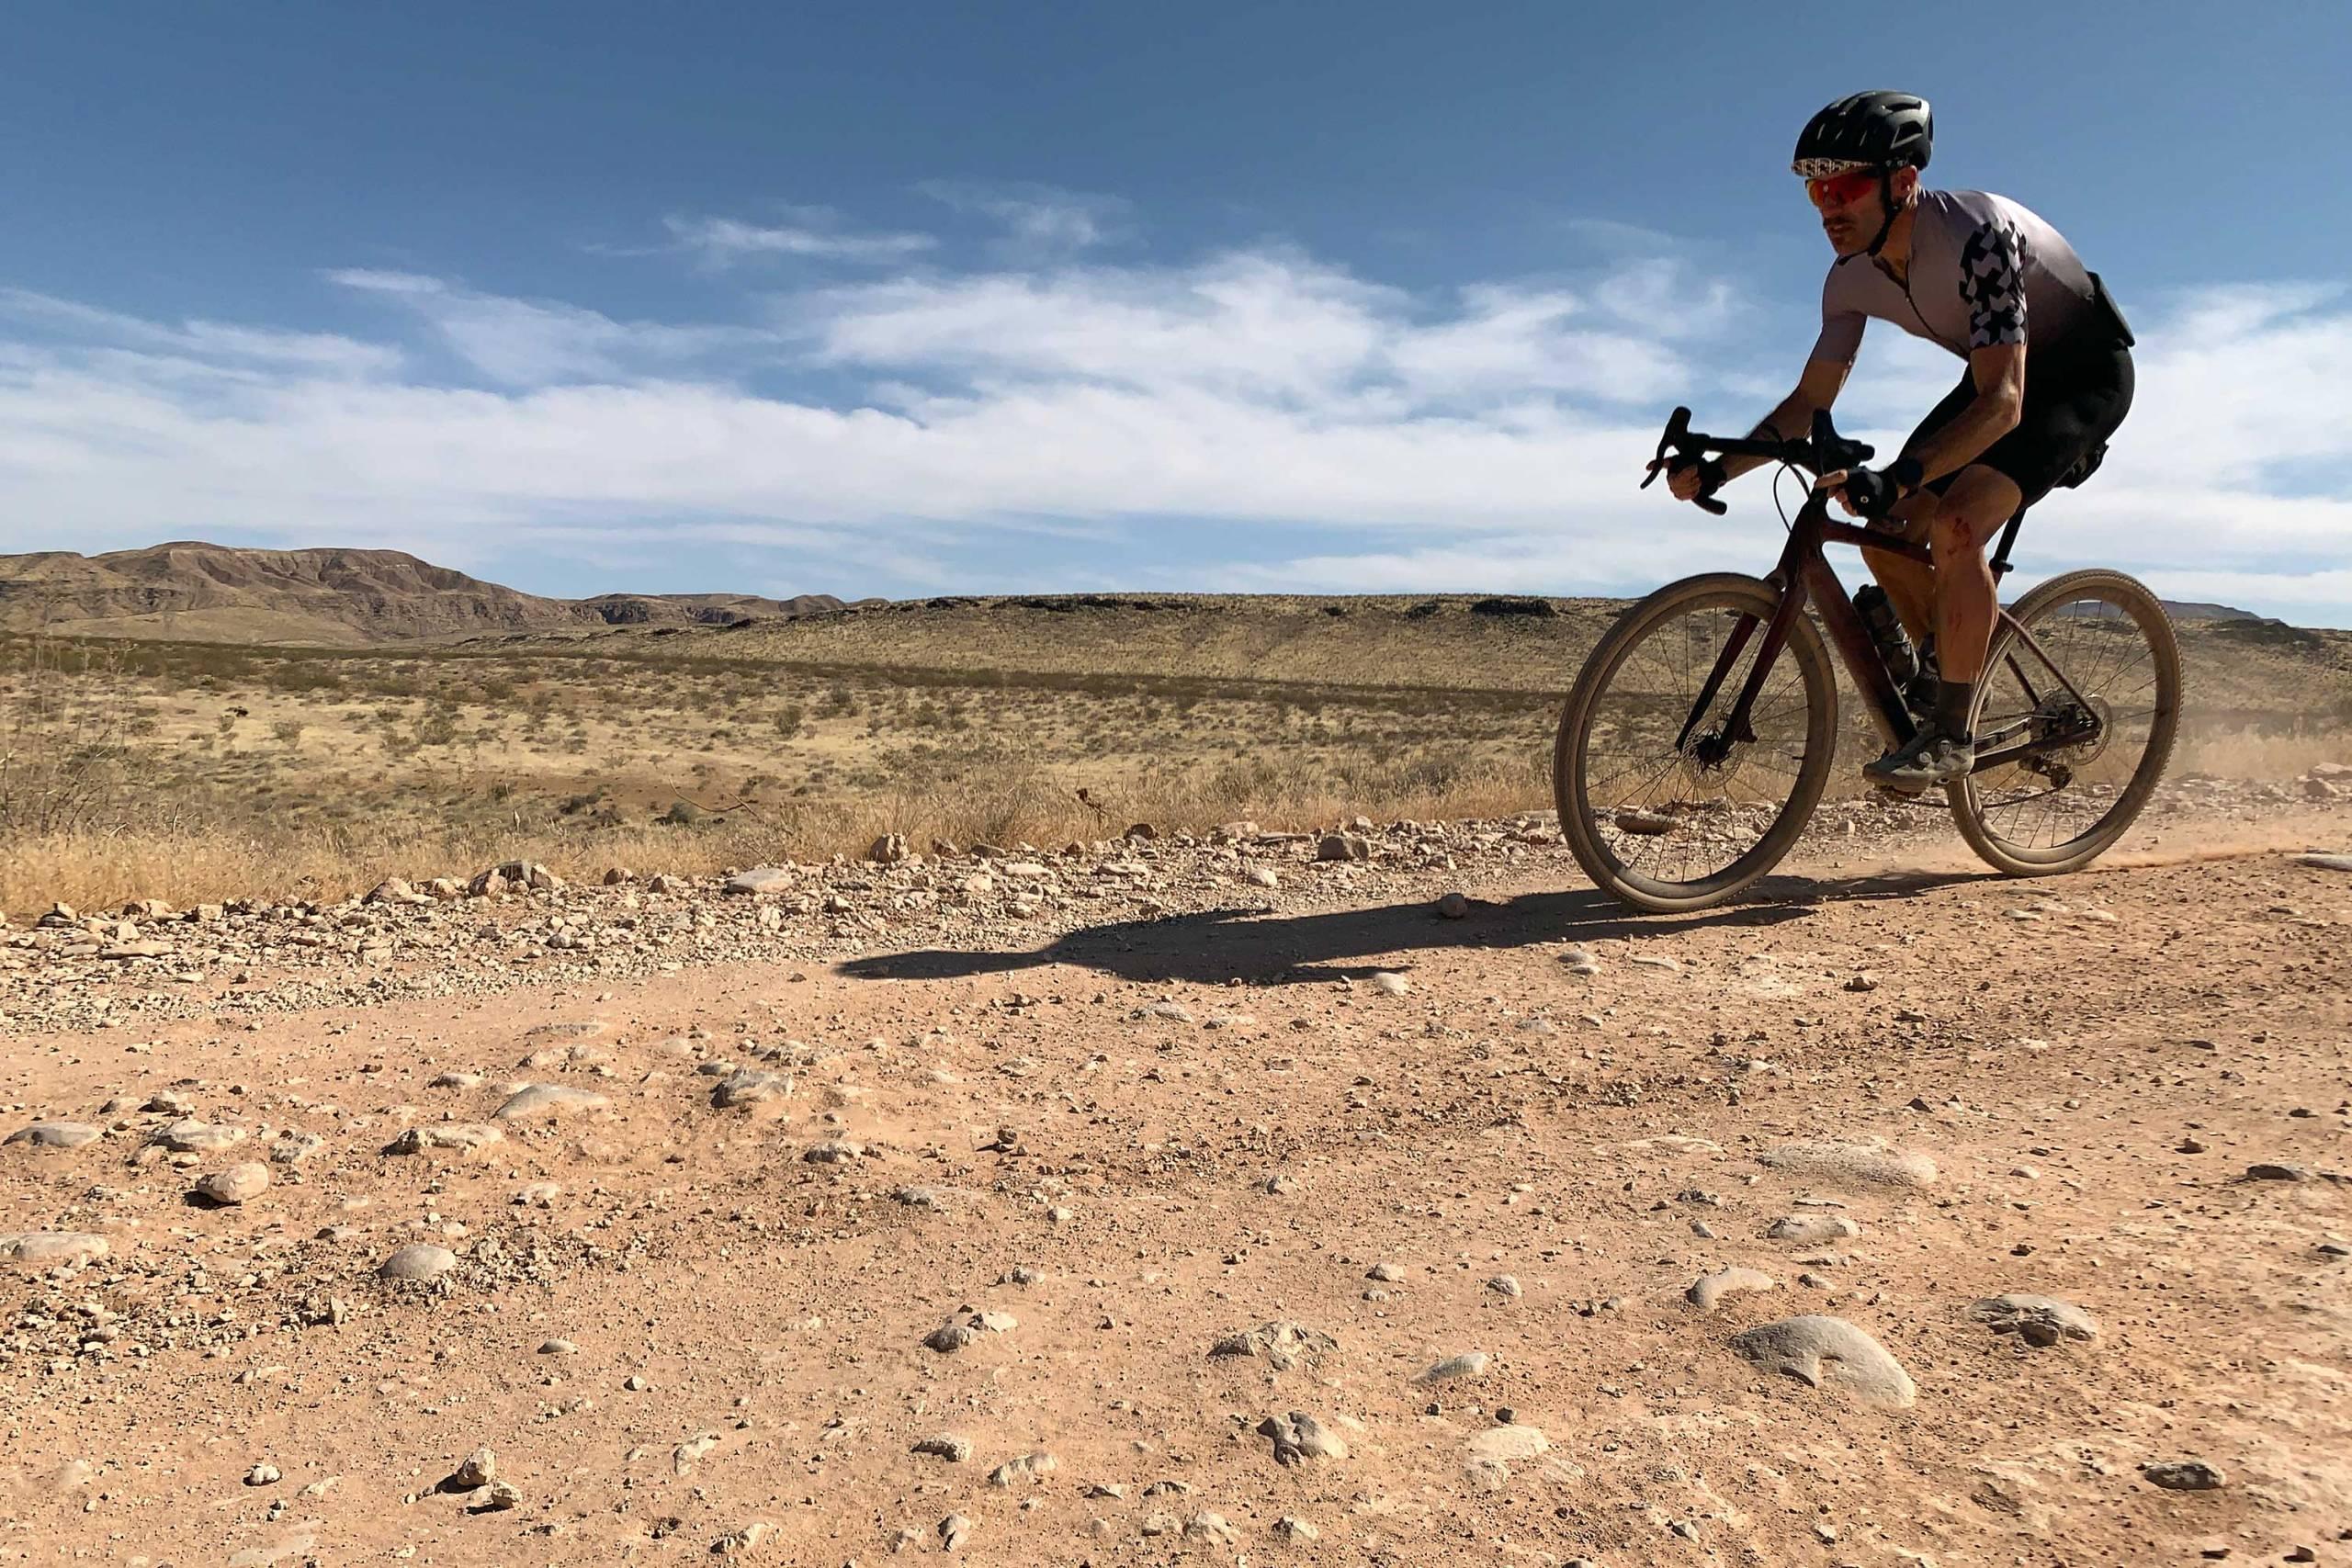 GearJunkie_Best_Gravel_Bike_2021_Specialized_Diverge_Pro_Carbon_ride_3_2283